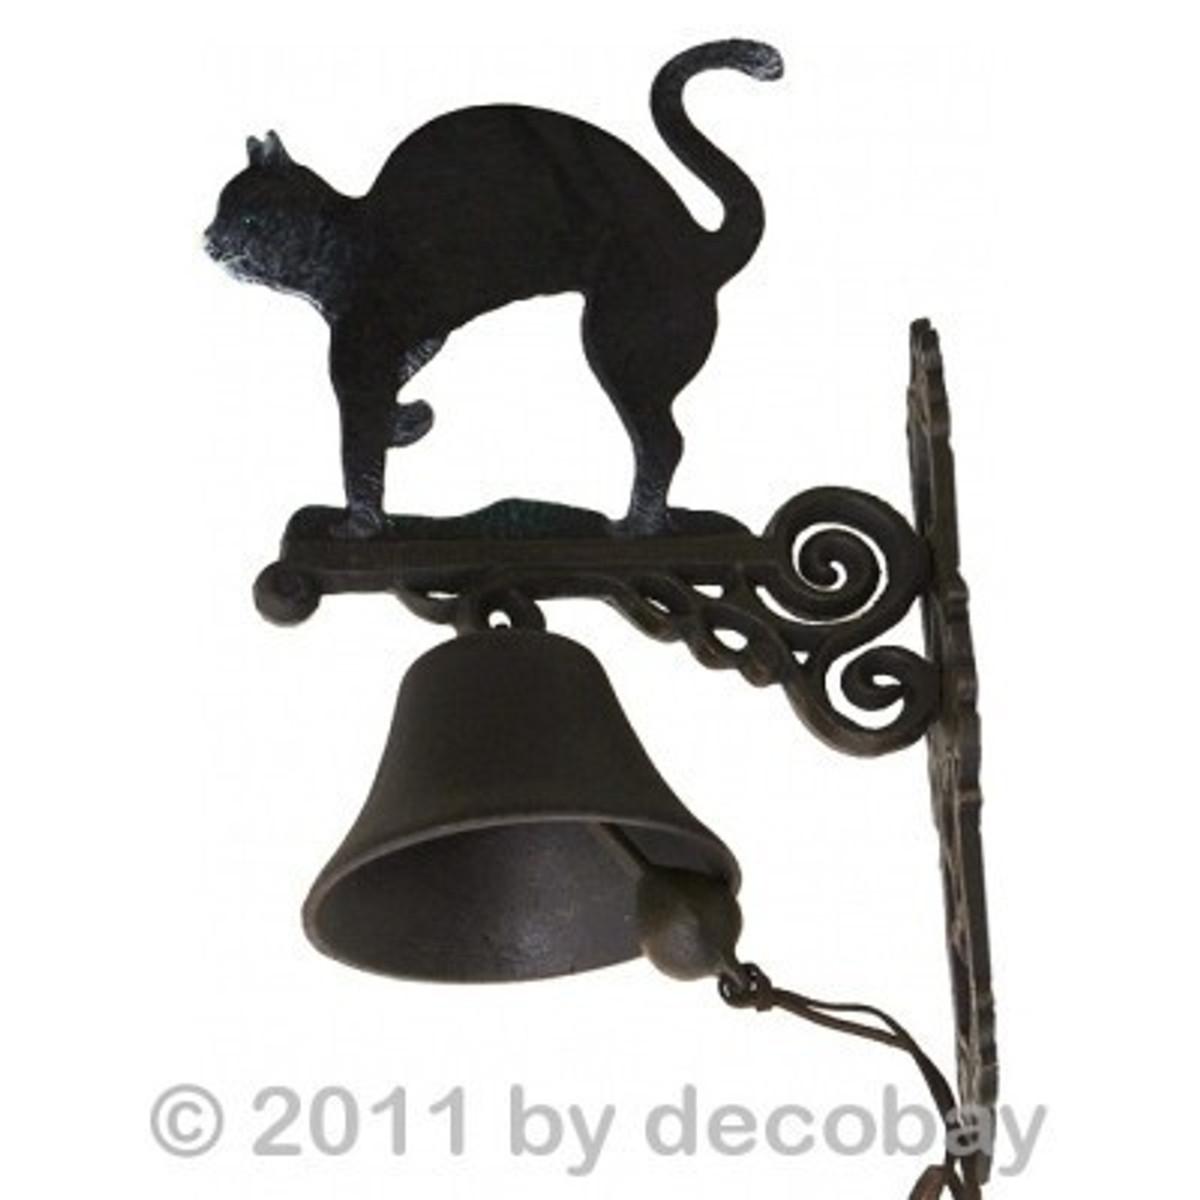 Glocke Gusseisen mit Wandhalter mit Katzen Motiv antik. Wetterfest für Außenmontage.